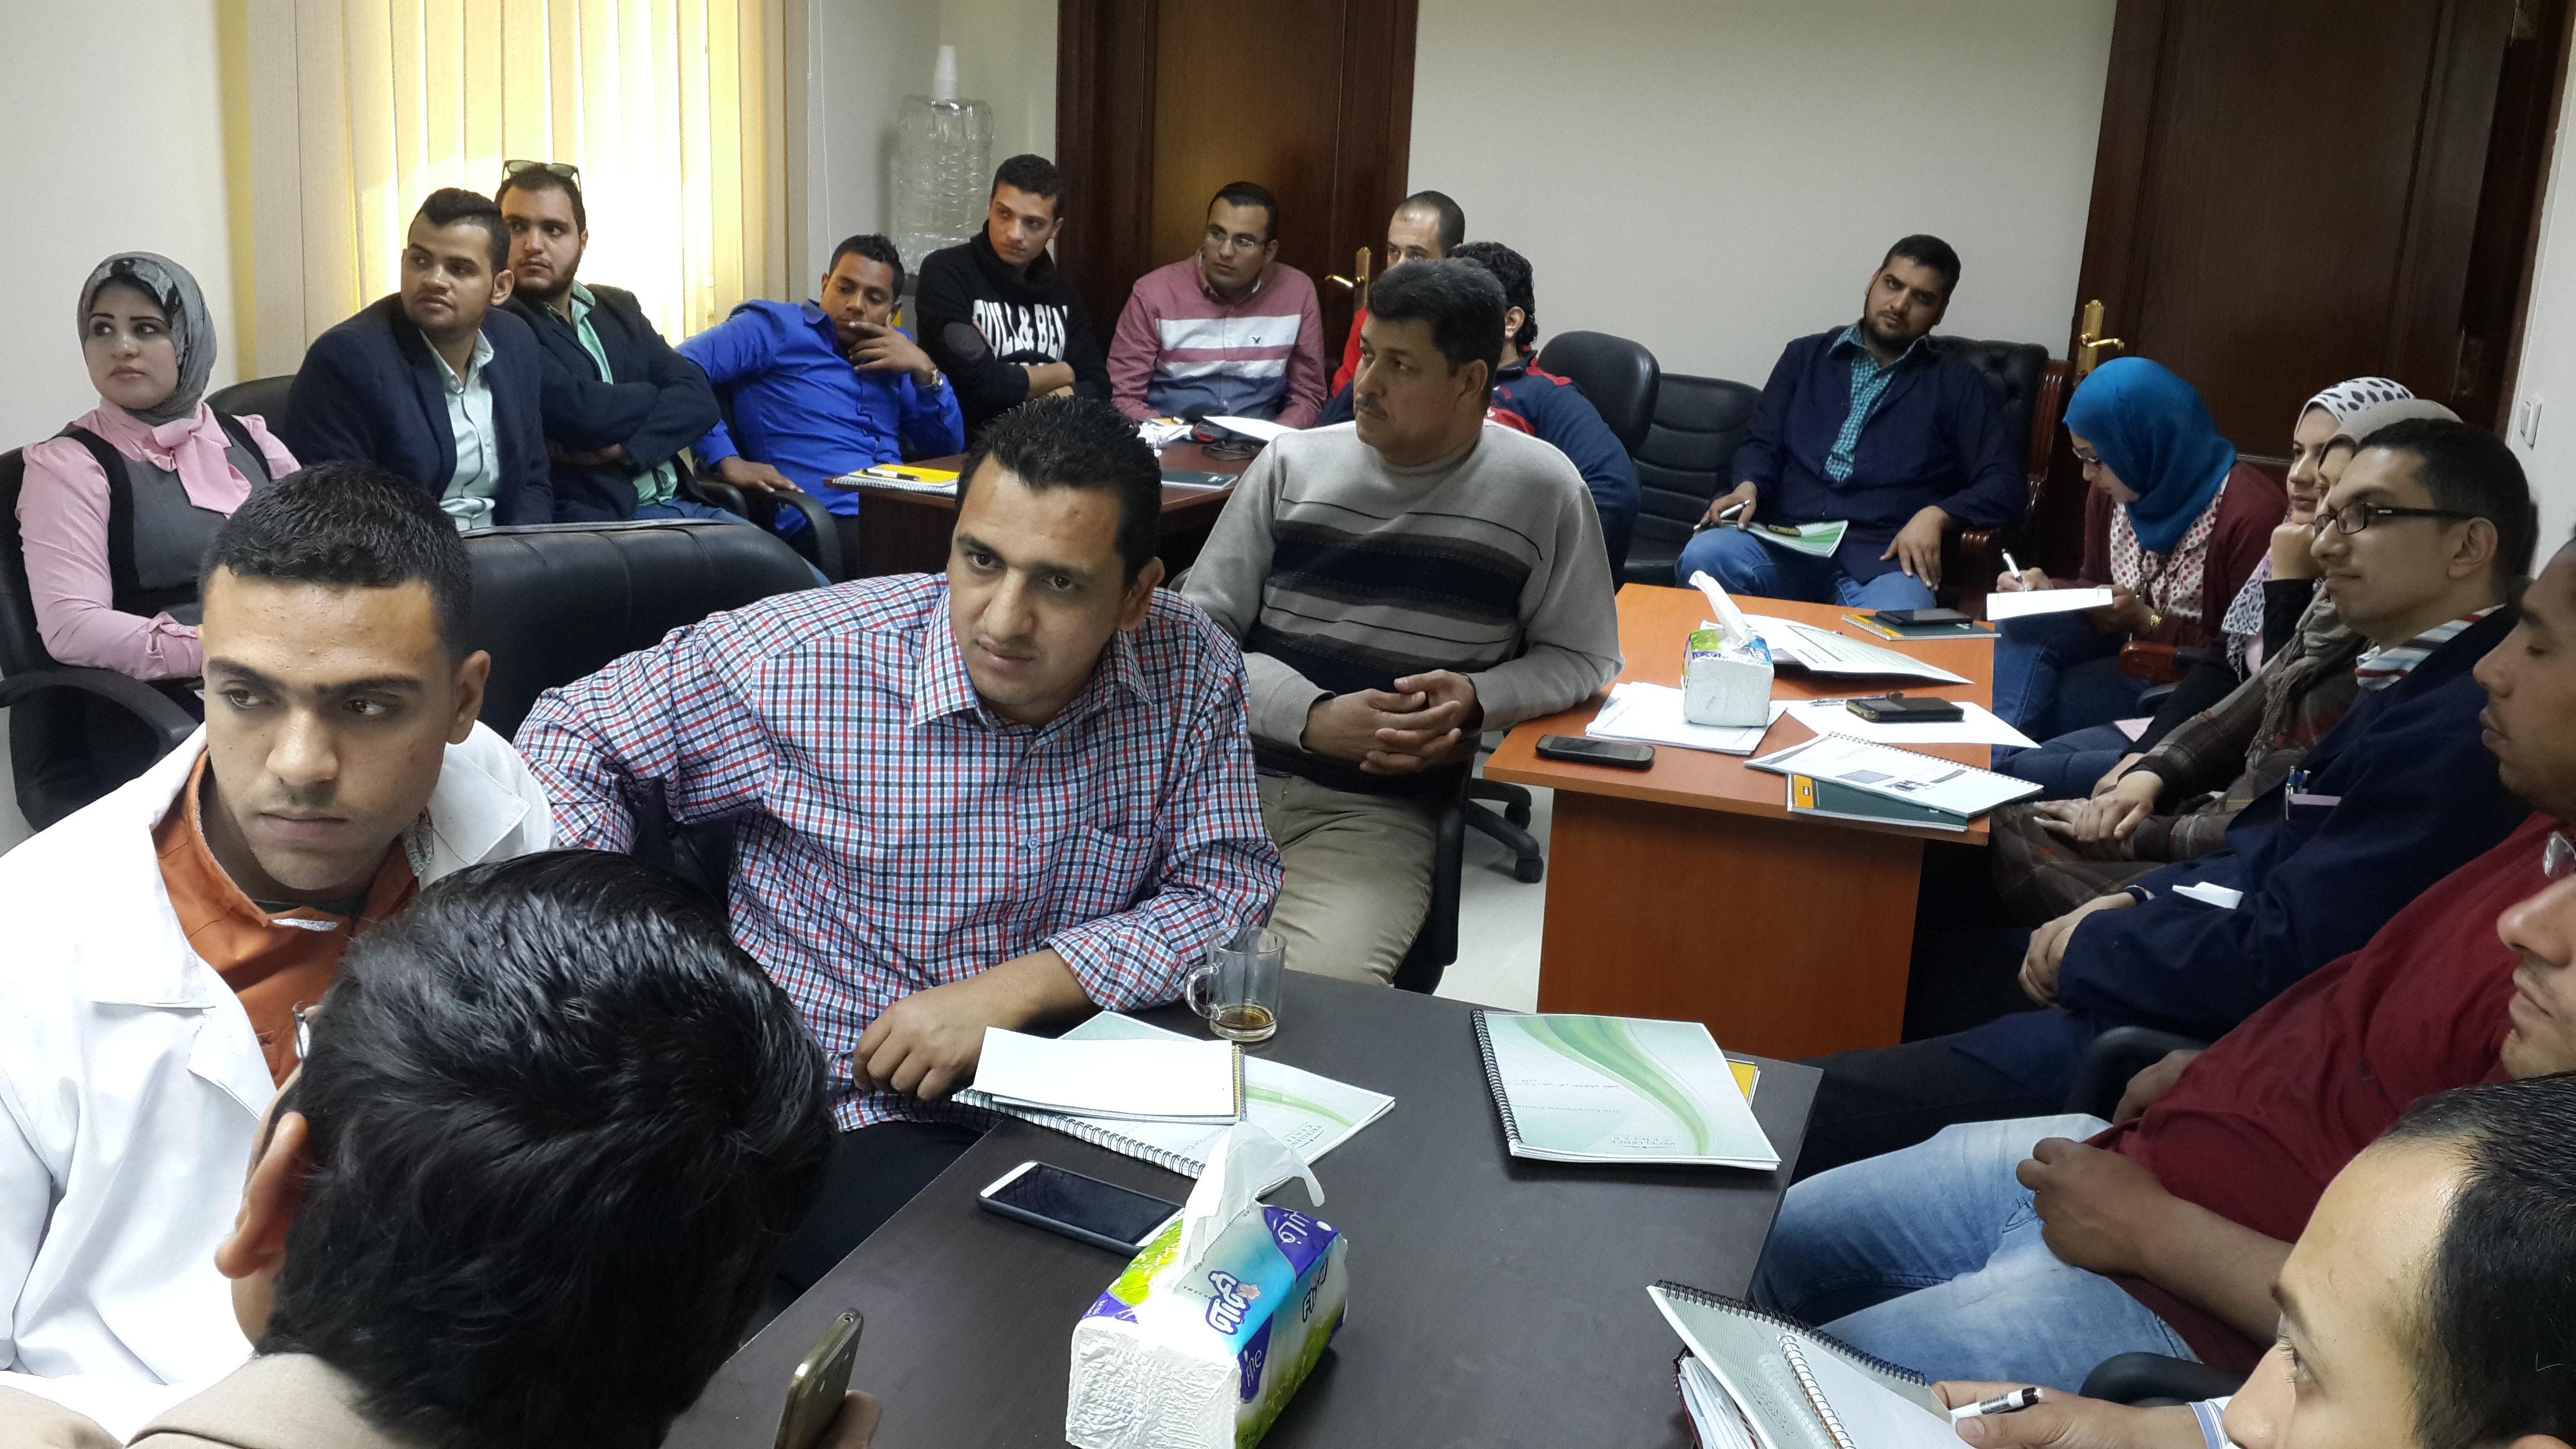 Excellence Center Egypt 20160330-20160330_101947 .jpg